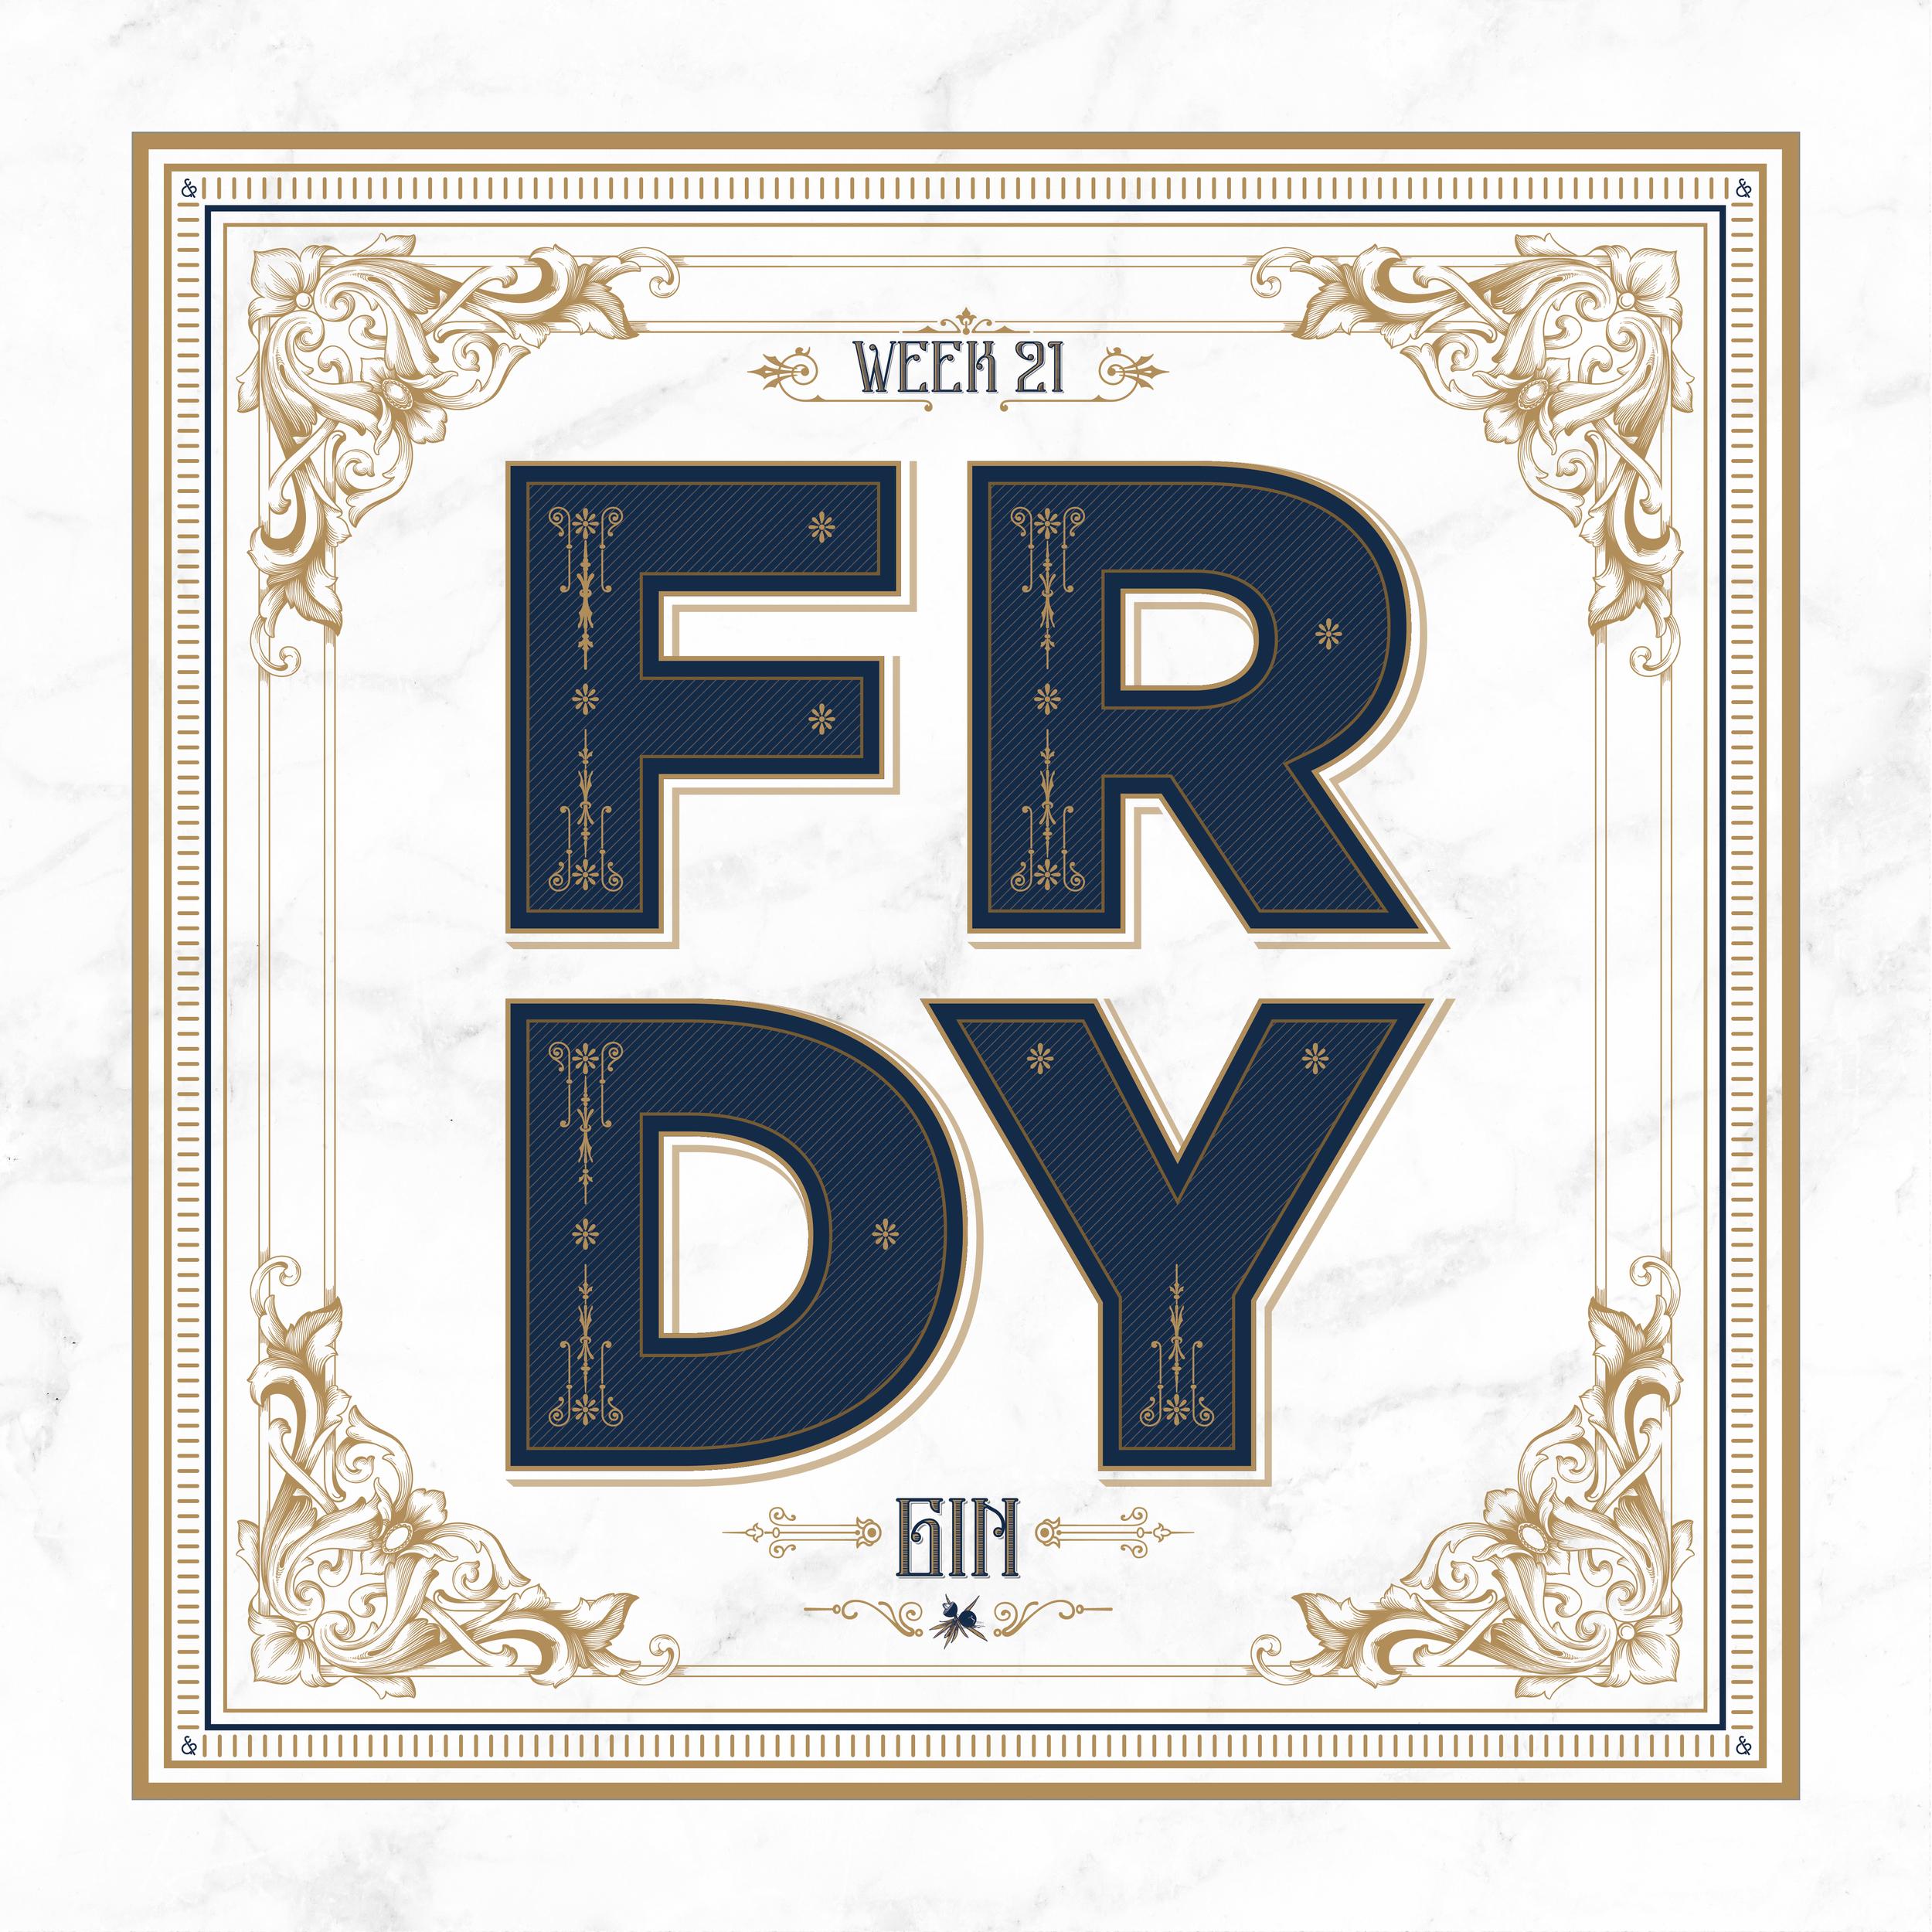 Friday-21-V2-01.jpg